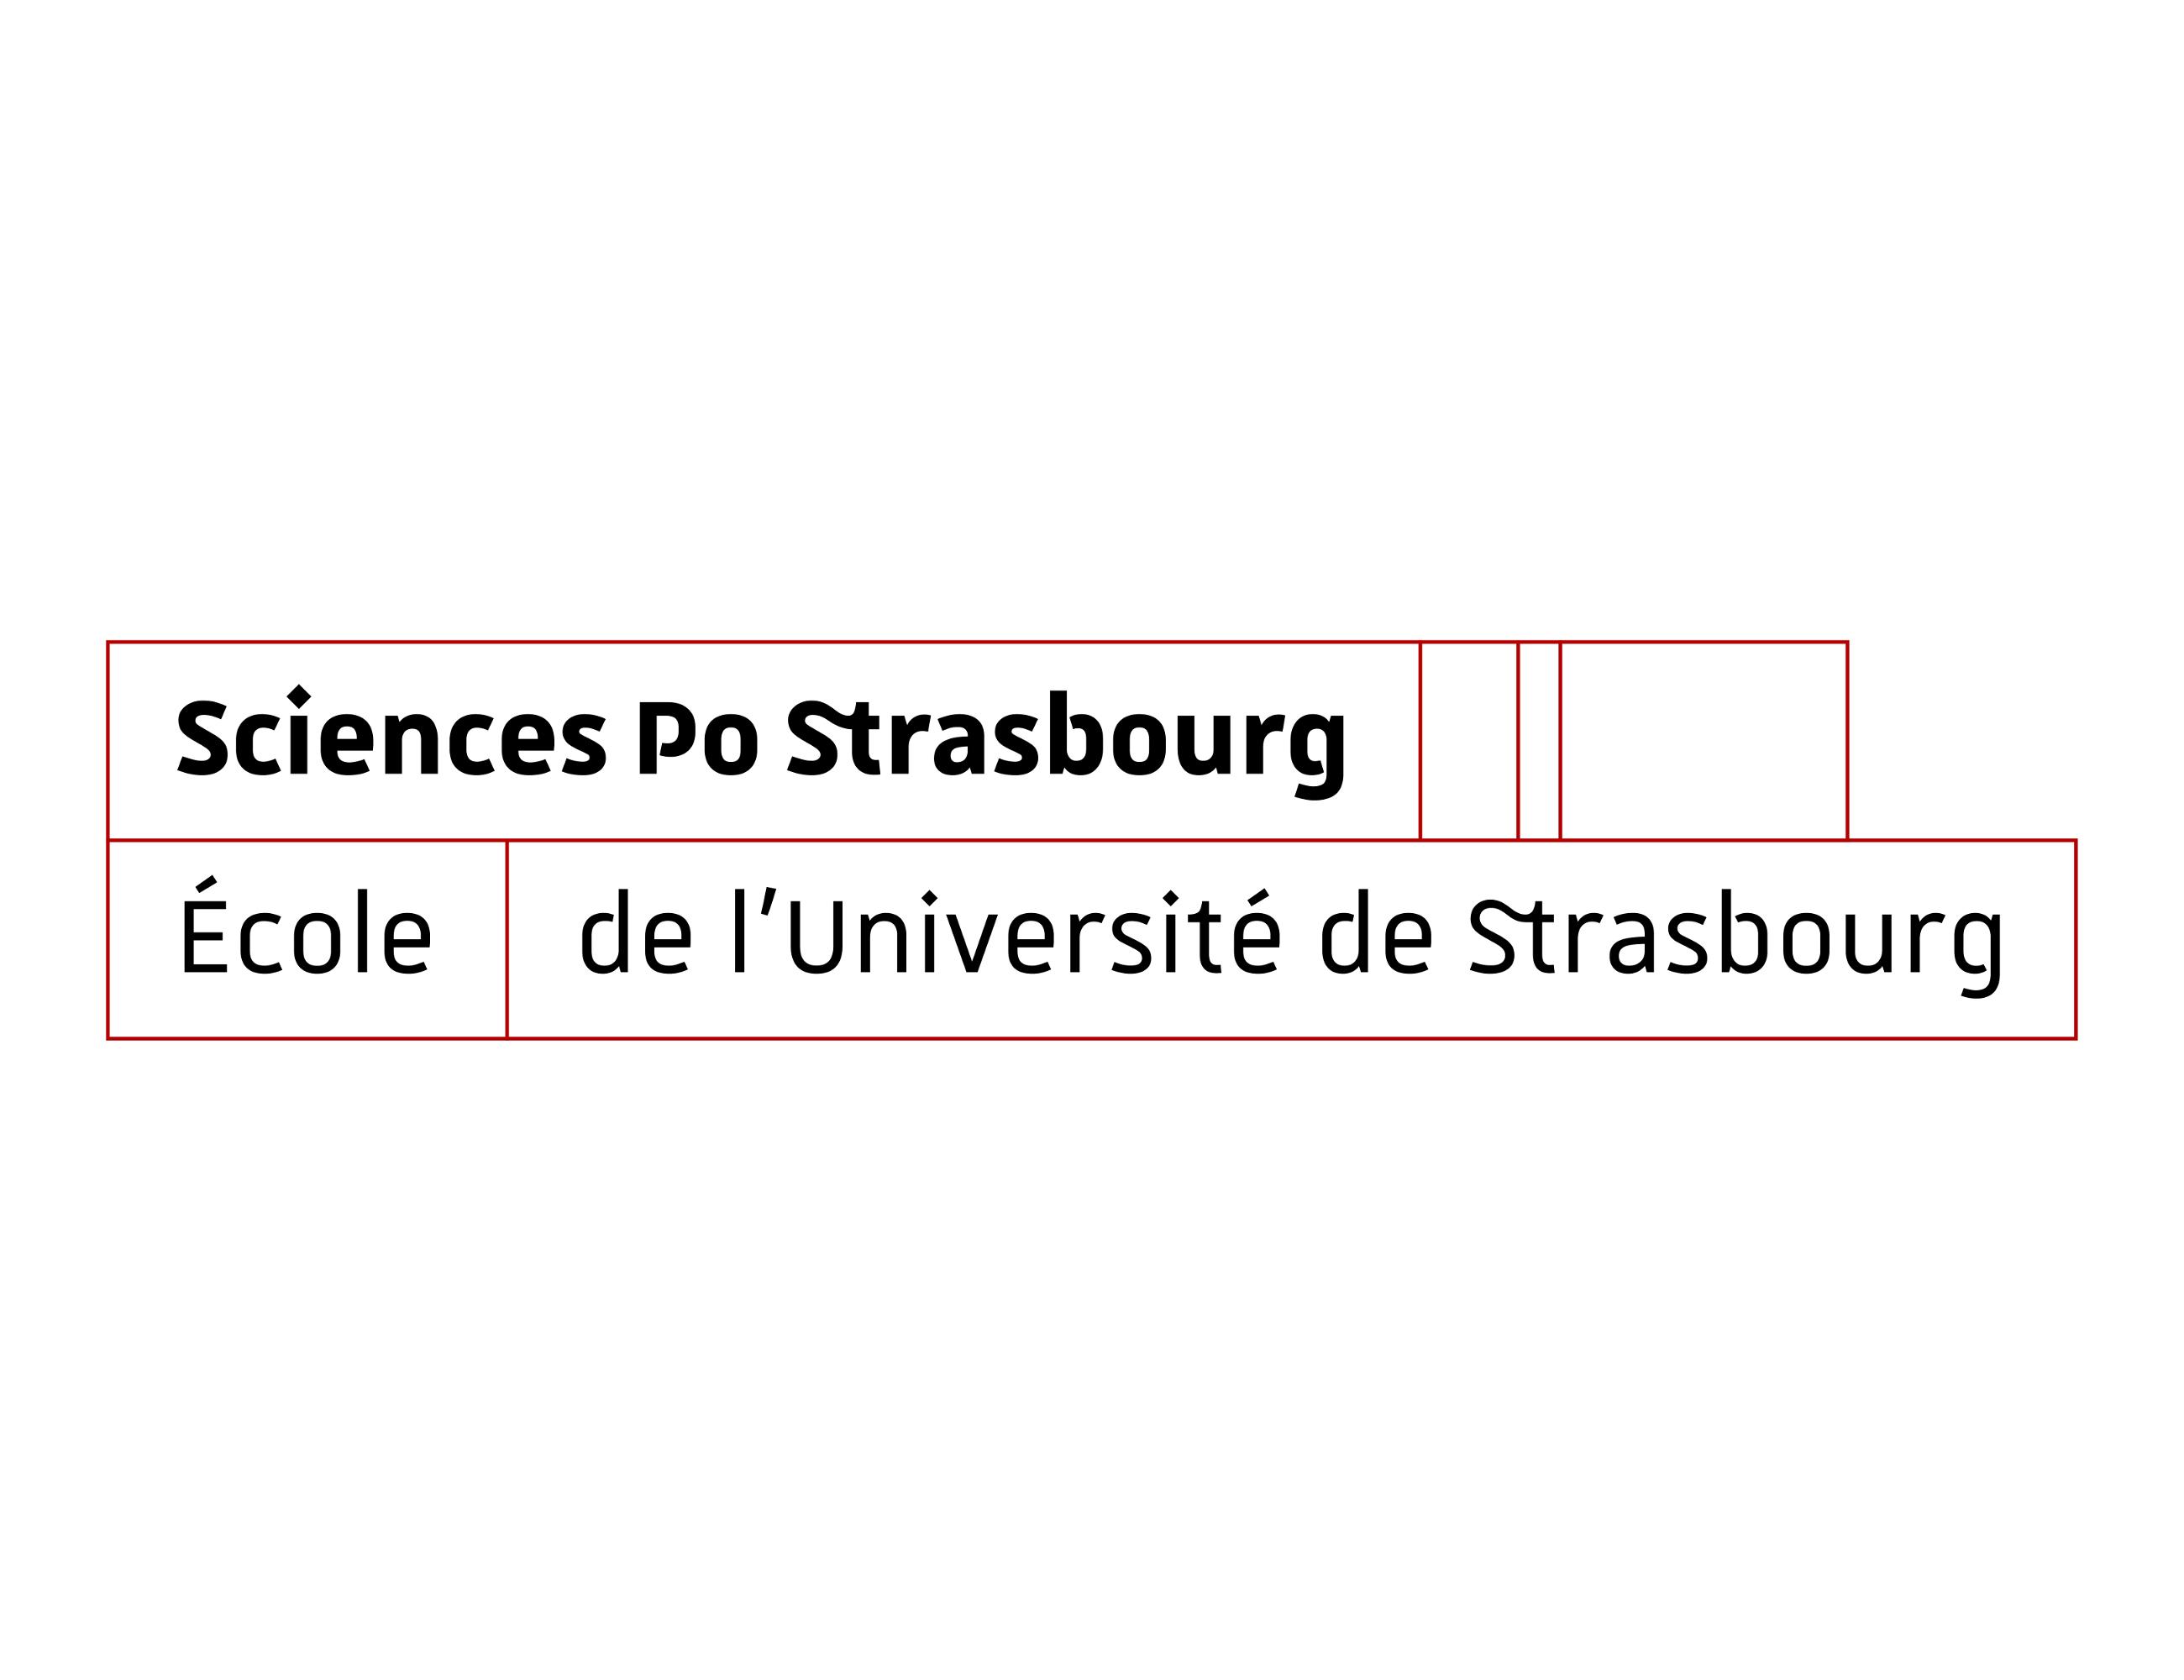 Logo Sciences Po Strasbourg